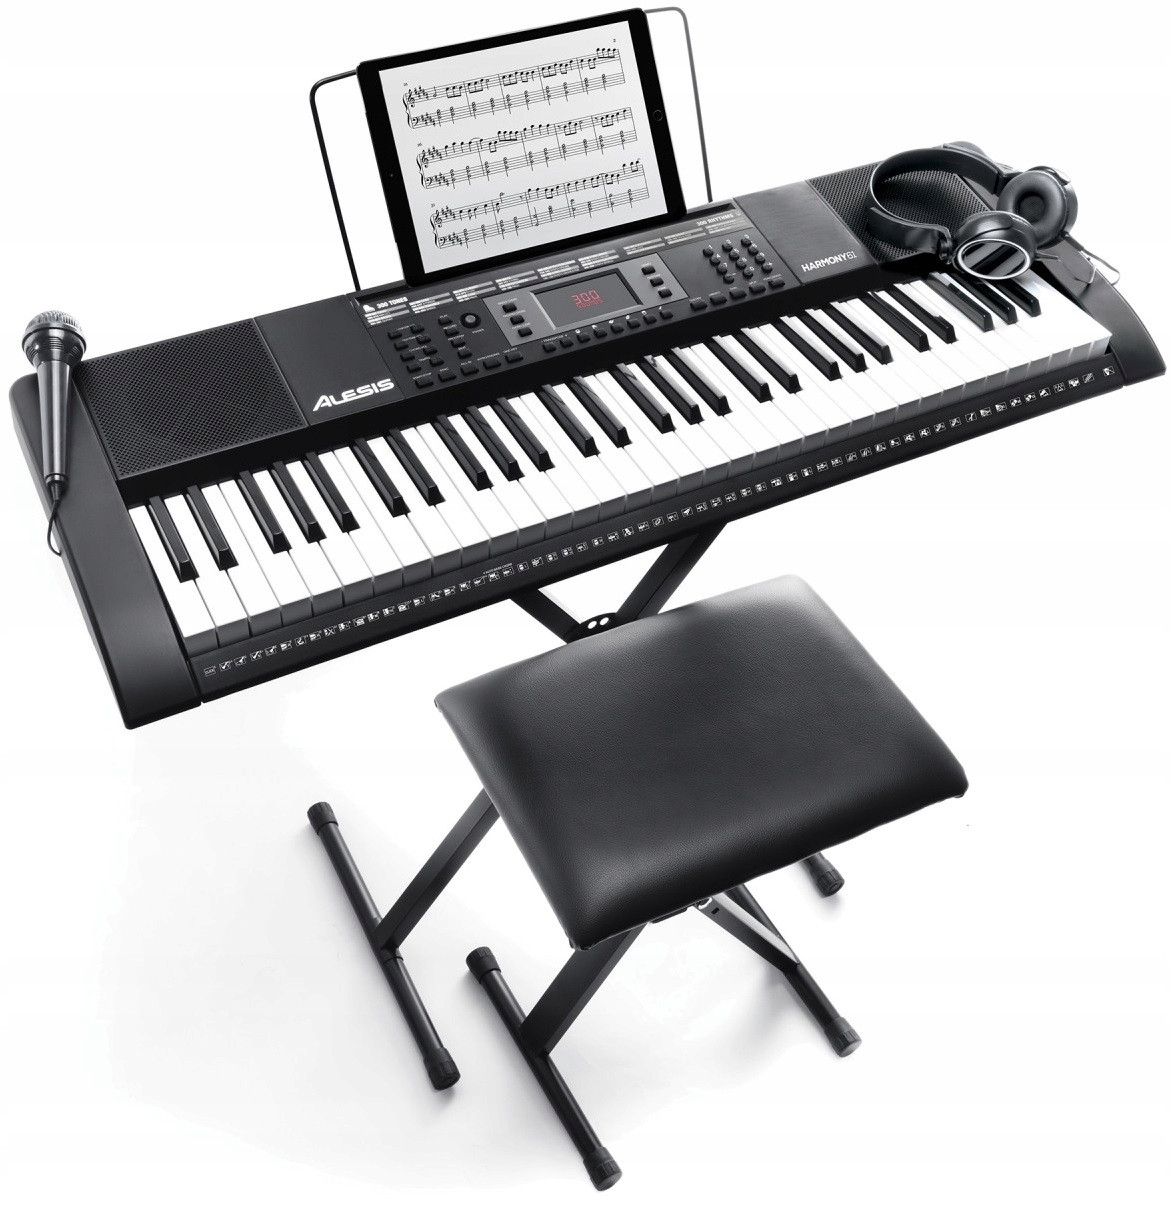 Синтезатор Alesis Harmony 61 MKII